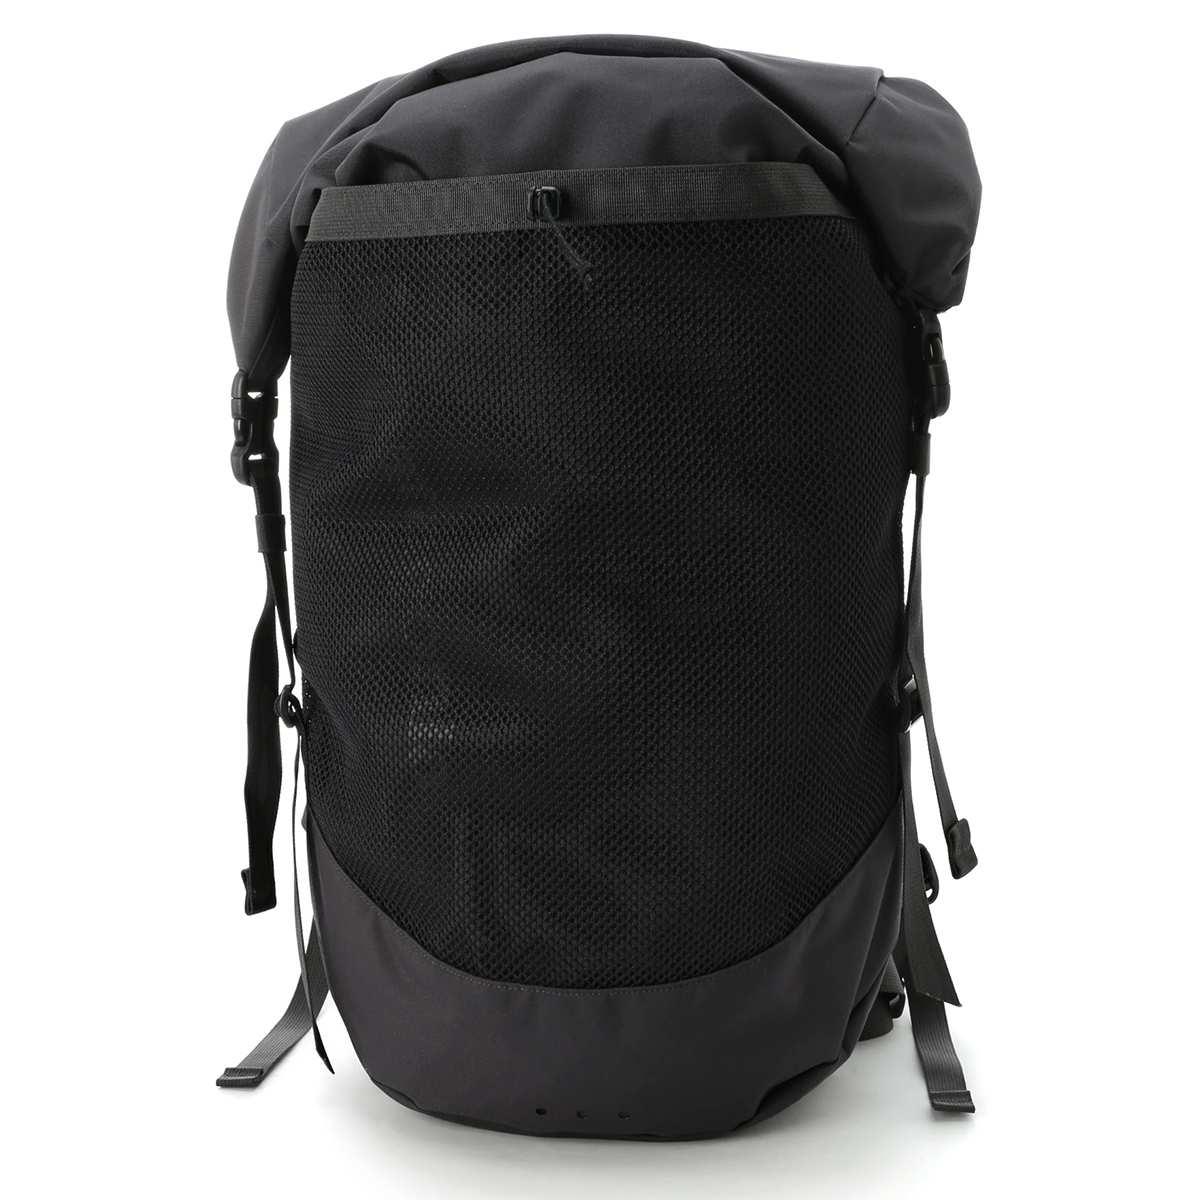 パタゴニア patagonia バックパック ブラック メンズ 48470 inbk PLANING ROLL TOP PACK 35L プレーニング ロールトップ パック【あす楽対応_関東】【返品送料無料】【ラッピング無料】